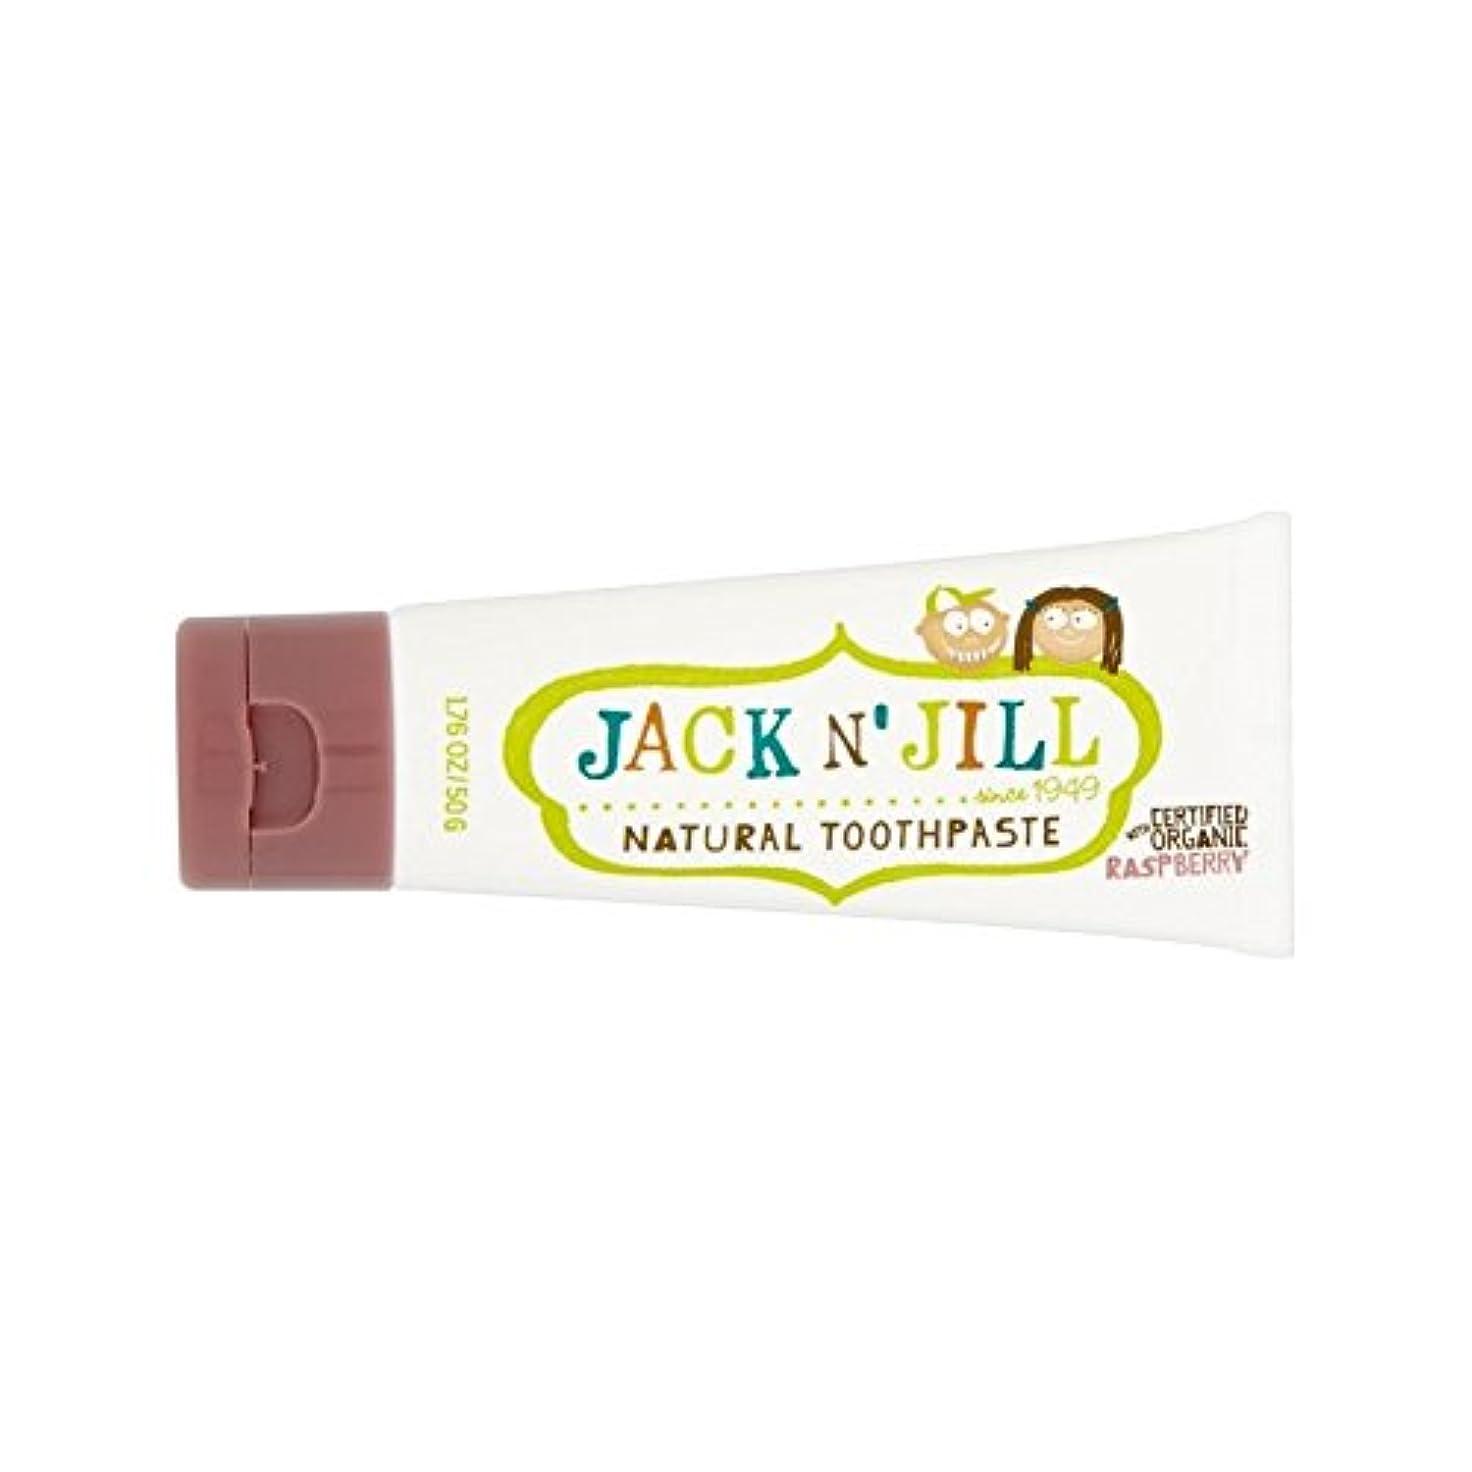 プット学者容疑者有機香味50グラム天然ラズベリー歯磨き粉 (Jack N Jill) (x 6) - Jack N' Jill Raspberry Toothpaste Natural with Organic Flavouring 50g...